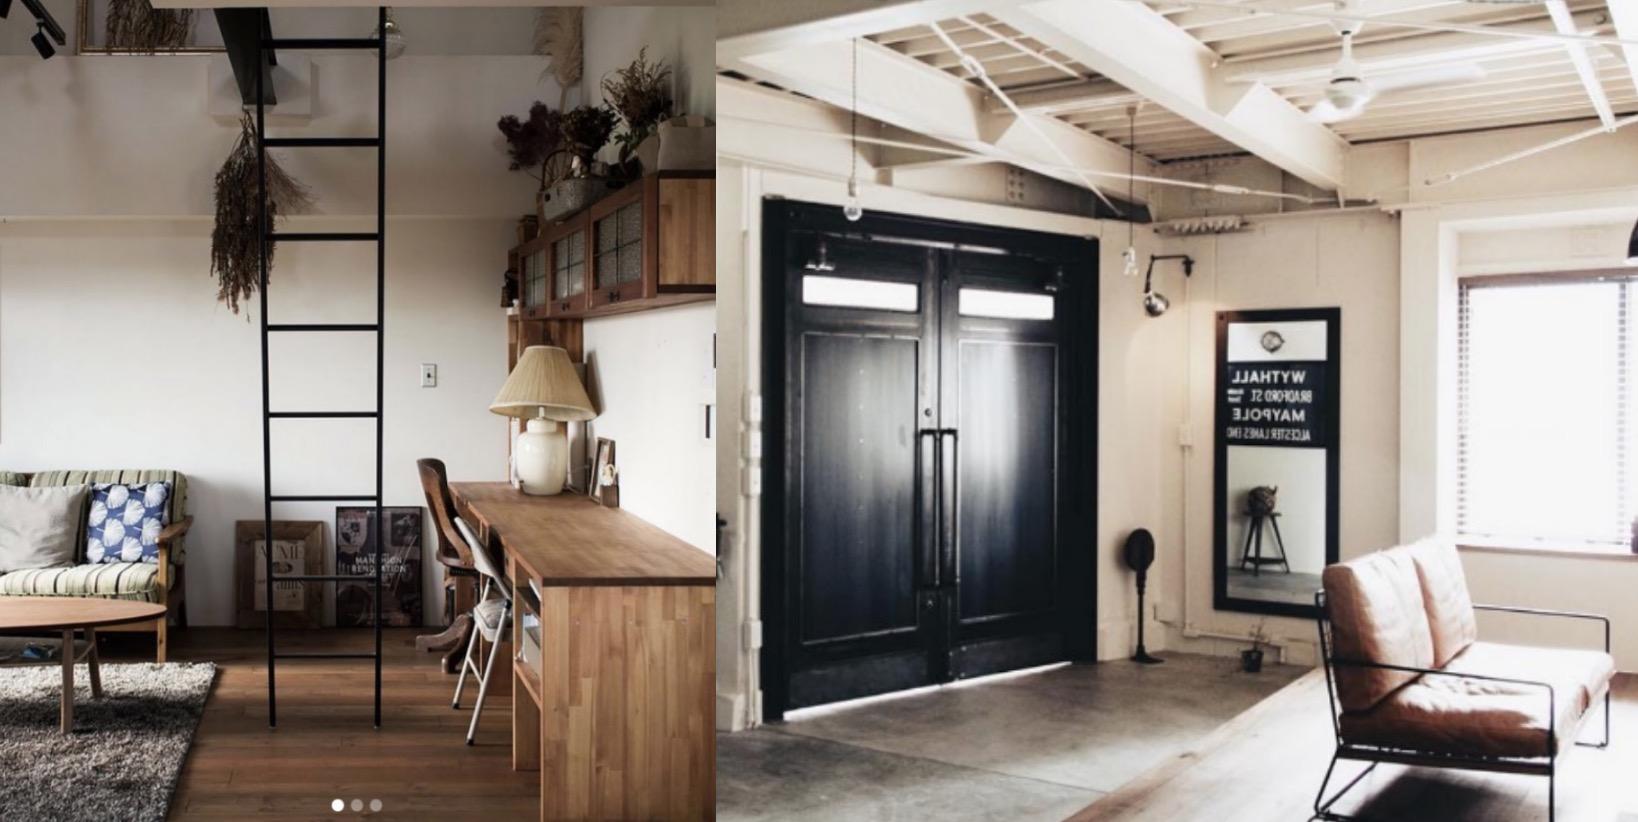 趁過年除舊佈新,讓家裡變得跟咖啡廳一樣美!輕工業風居家佈置提案